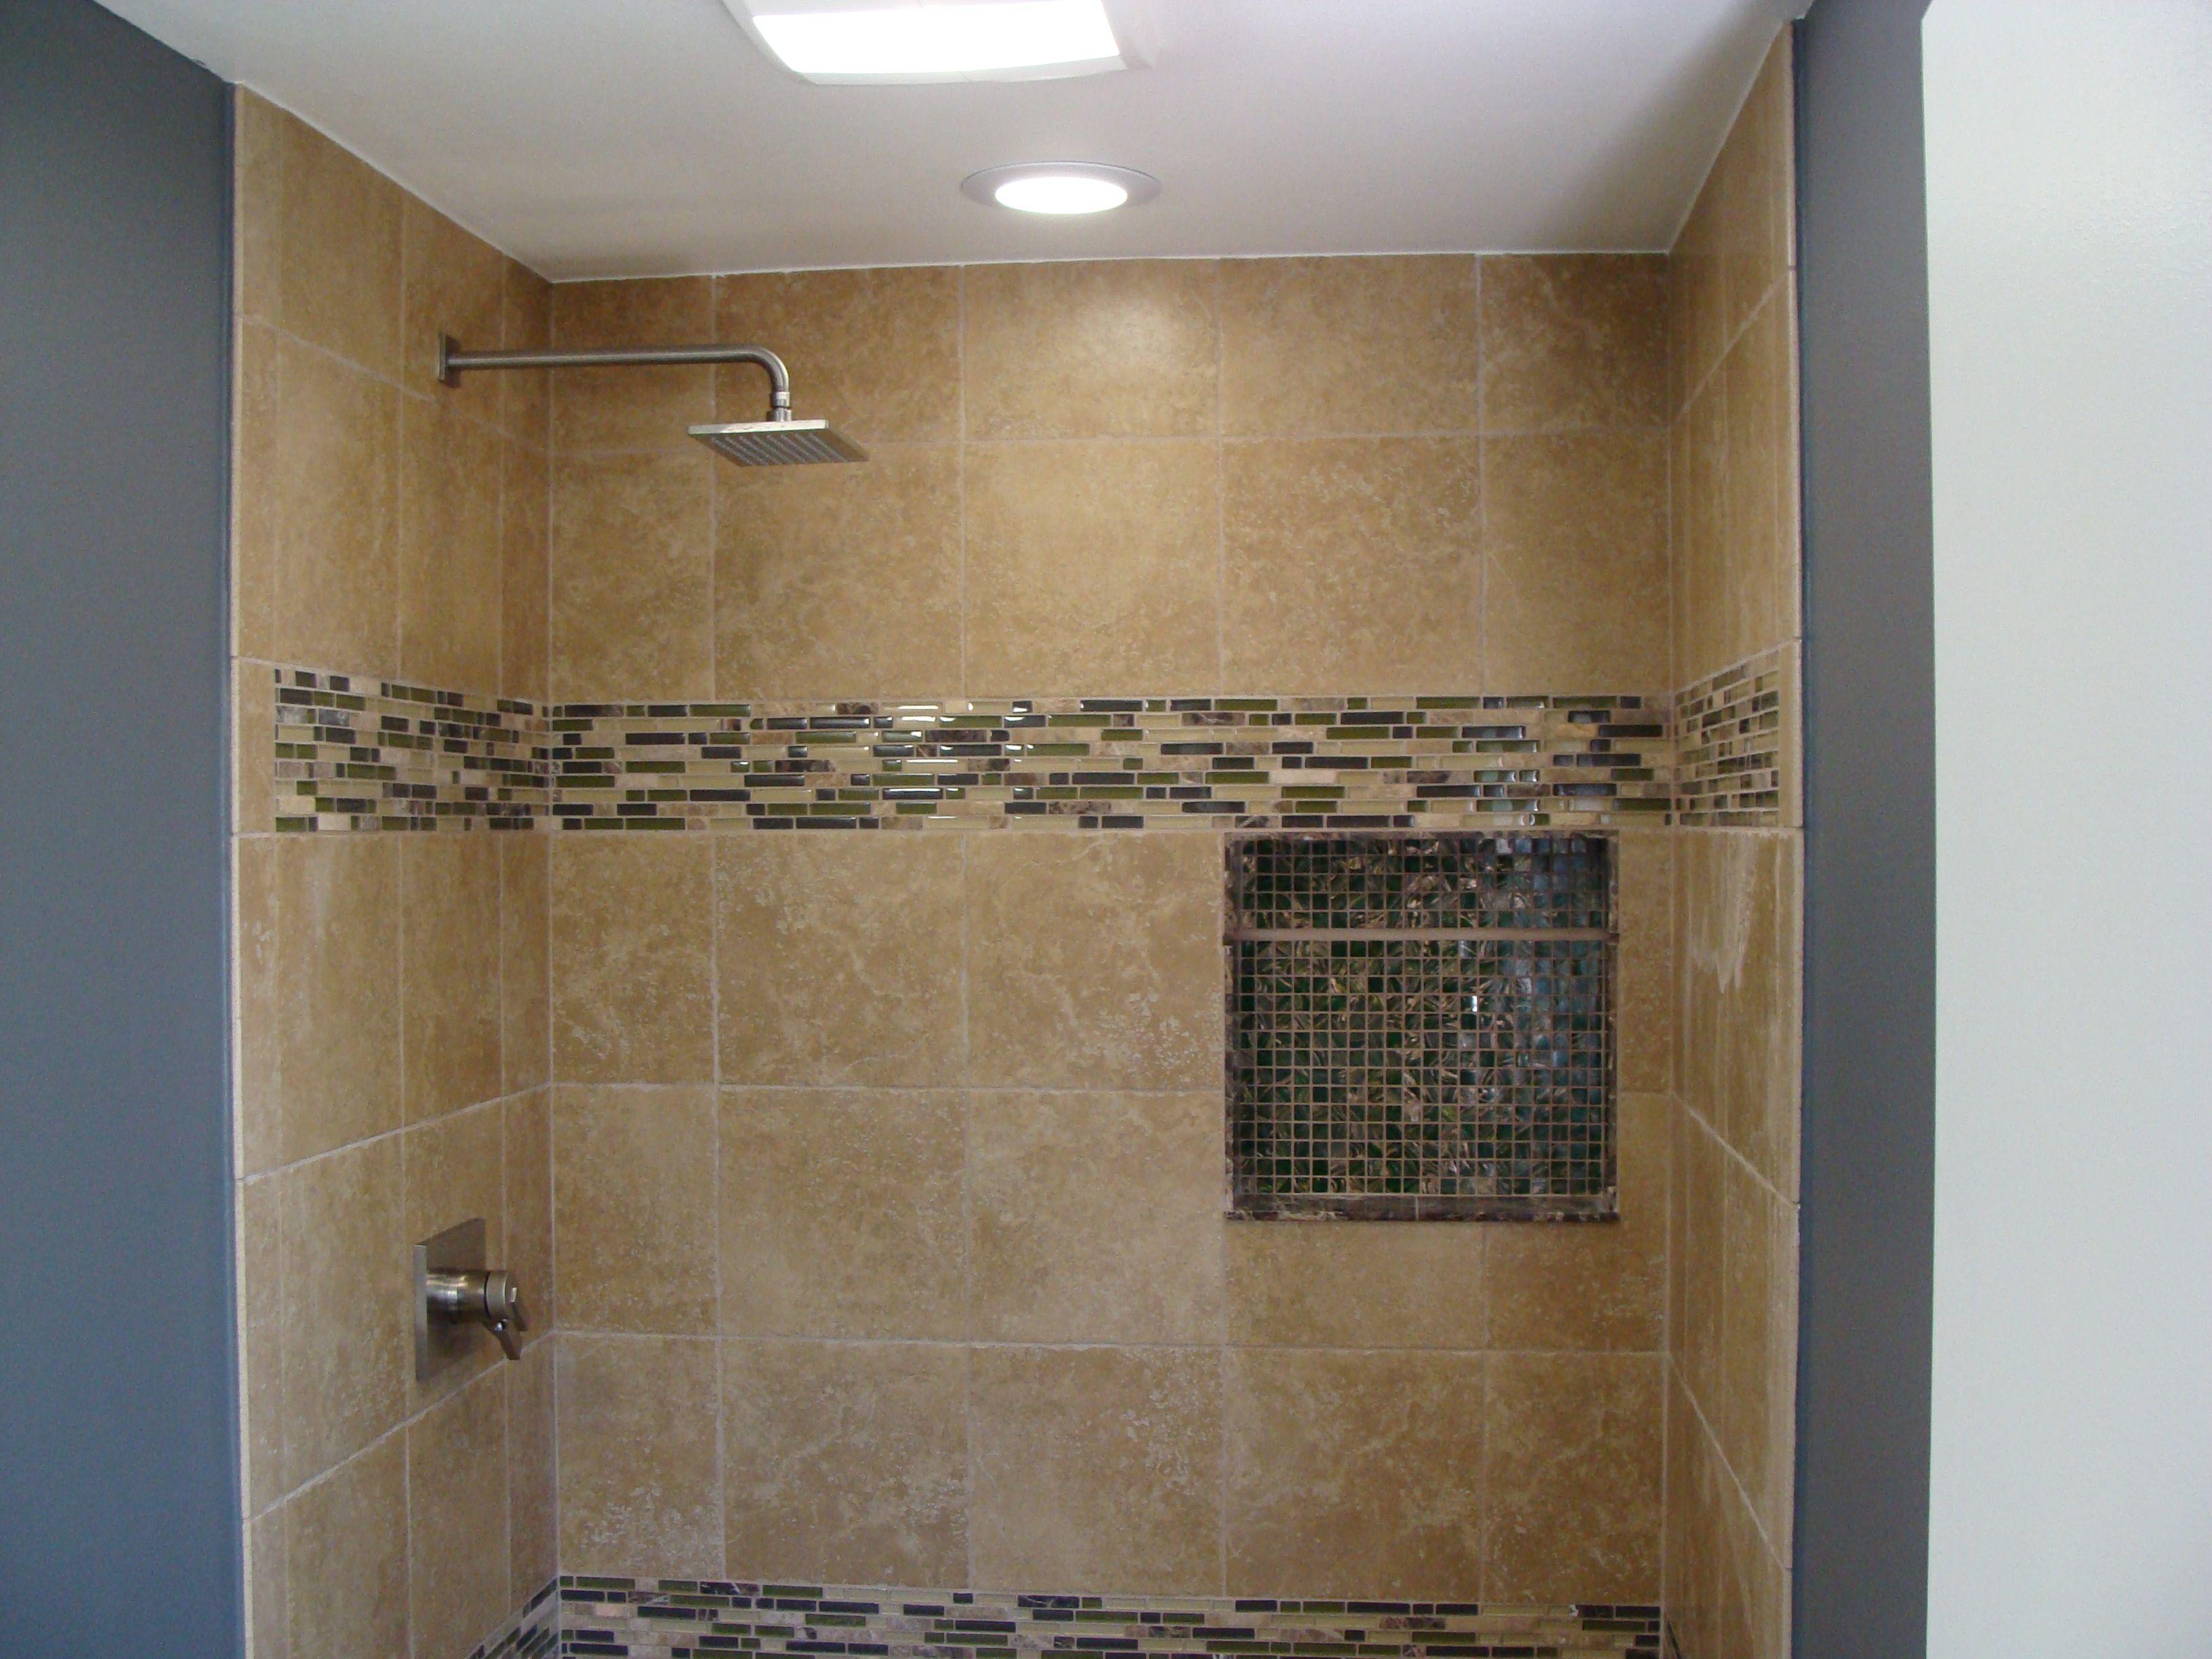 Florida tile ceramic tiles glass mosaic listello tiles bathrooms florida tile ceramic tiles glass mosaic listello tiles dailygadgetfo Choice Image